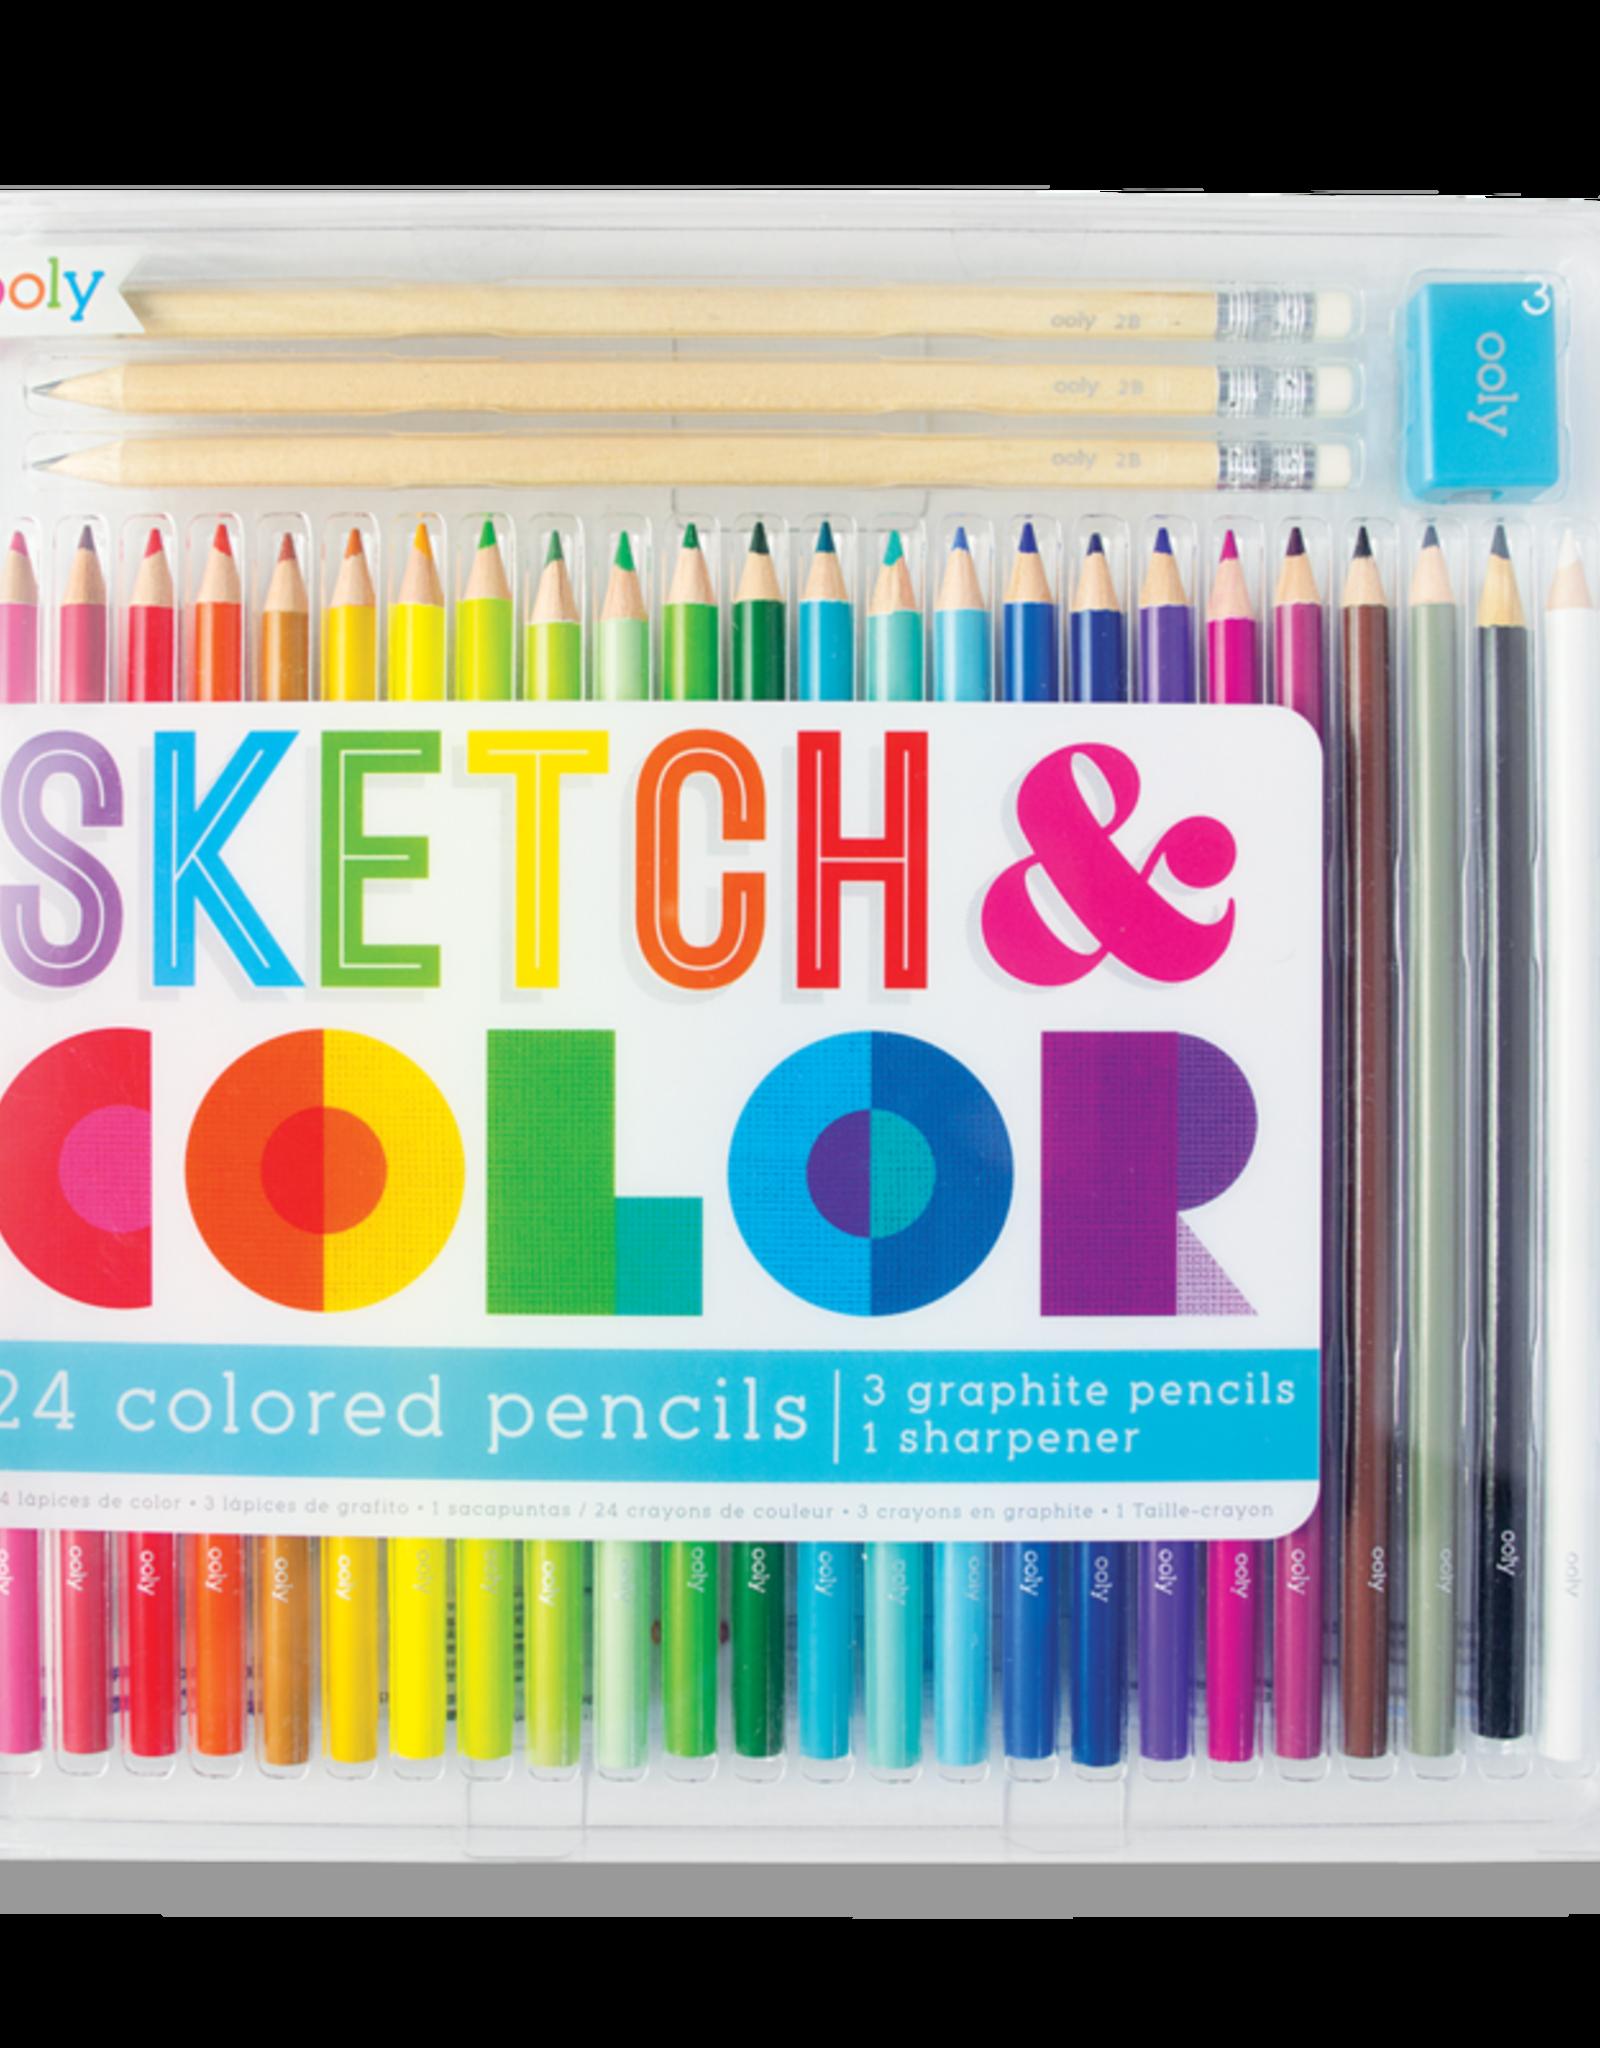 OOLY sketch & color- 28 piece set